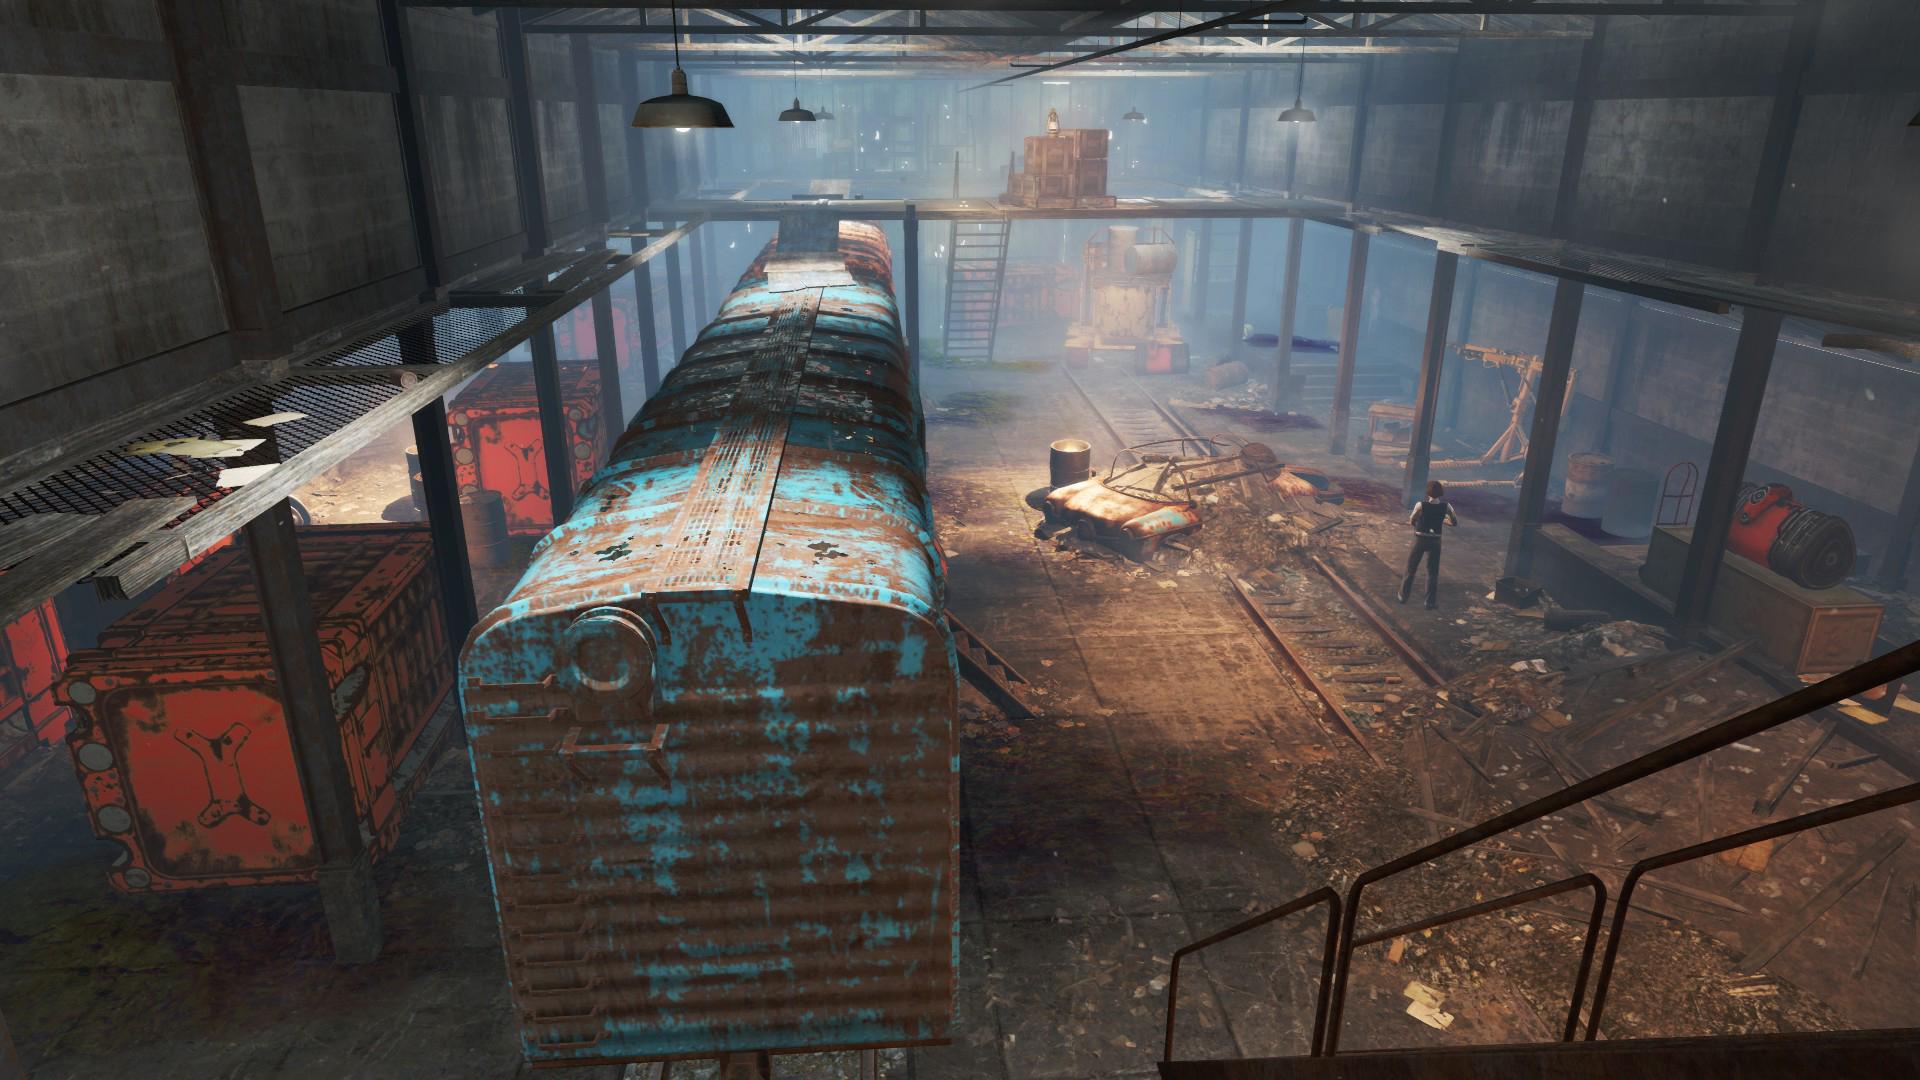 NH&M Freight Depot strongroom